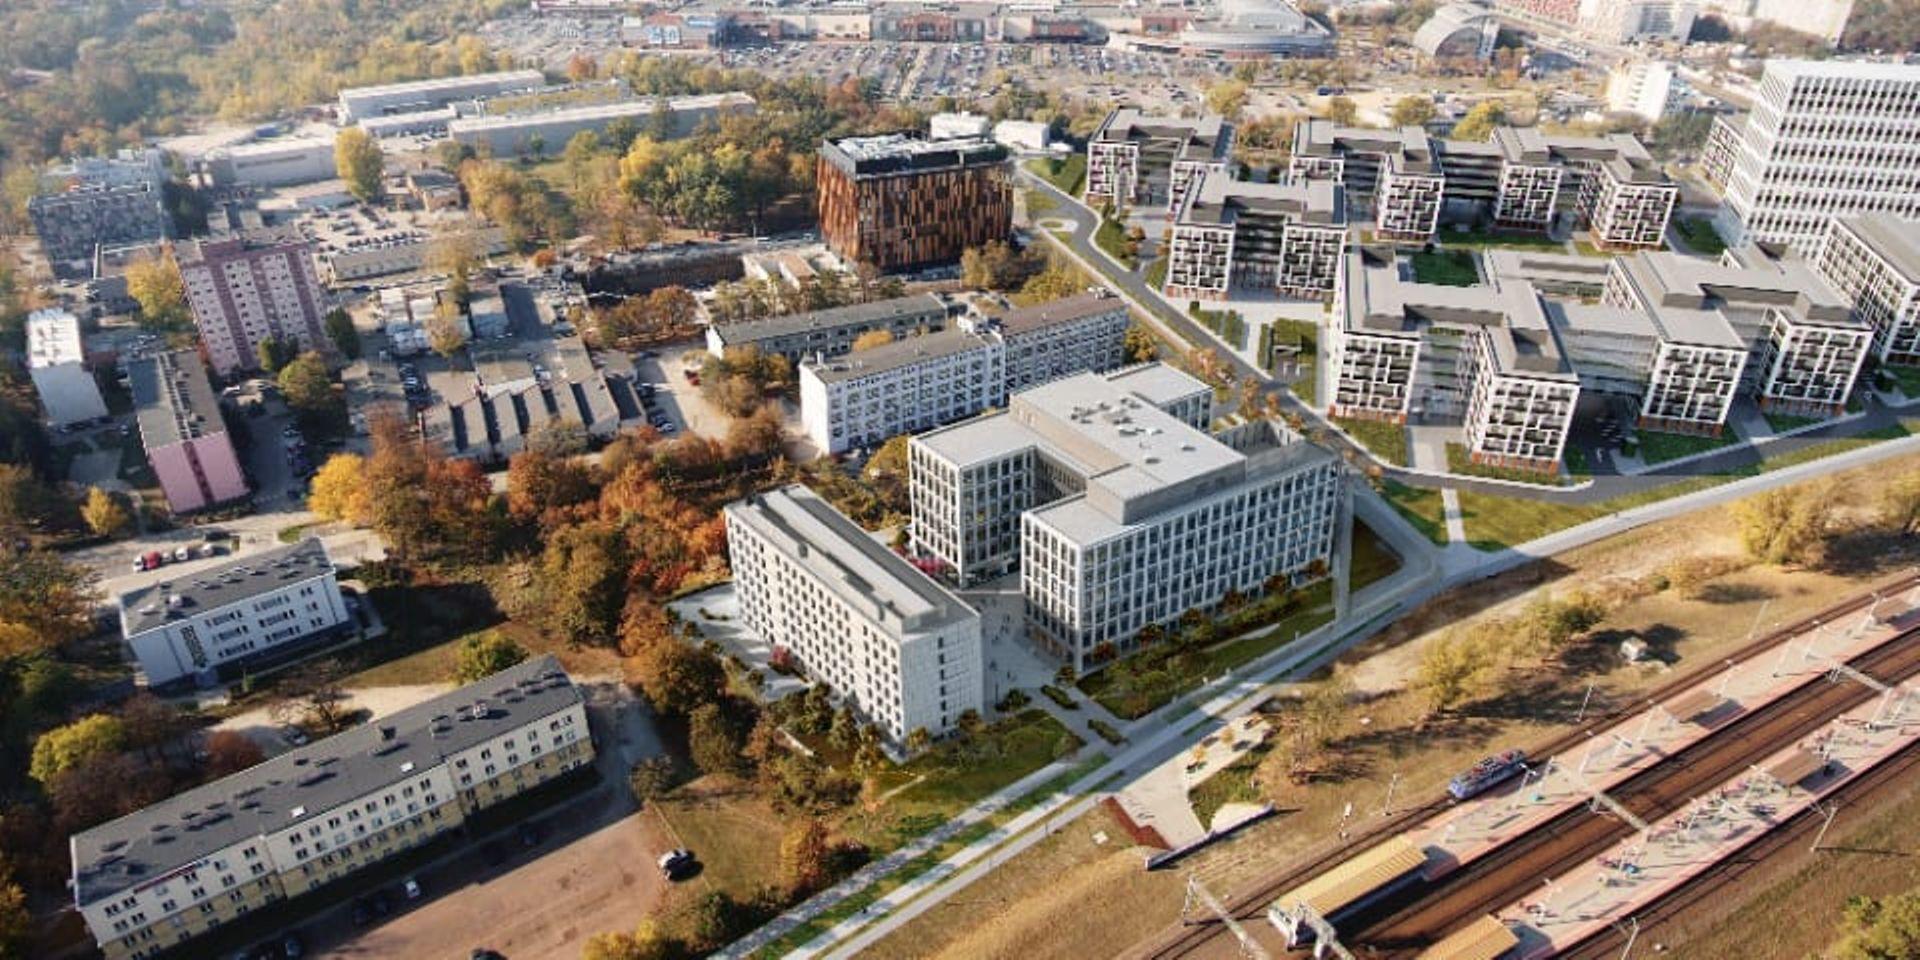 Znamy szczegóły nowej inwestycji biurowo-hotelowej przy stacji Wrocław-Mikołajów